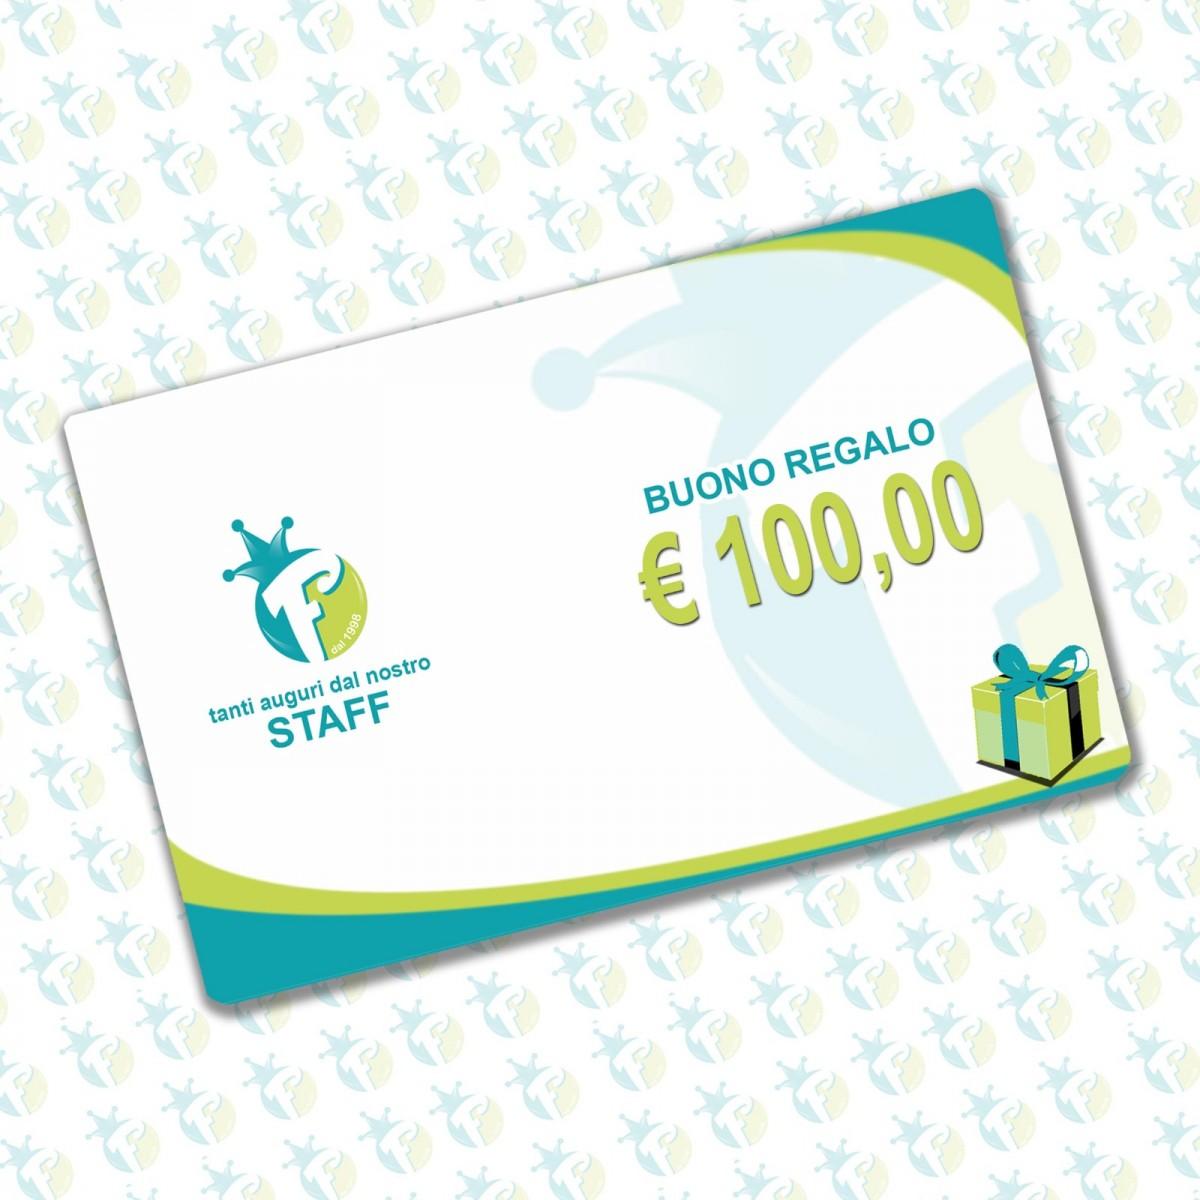 Buono regalo 100 €